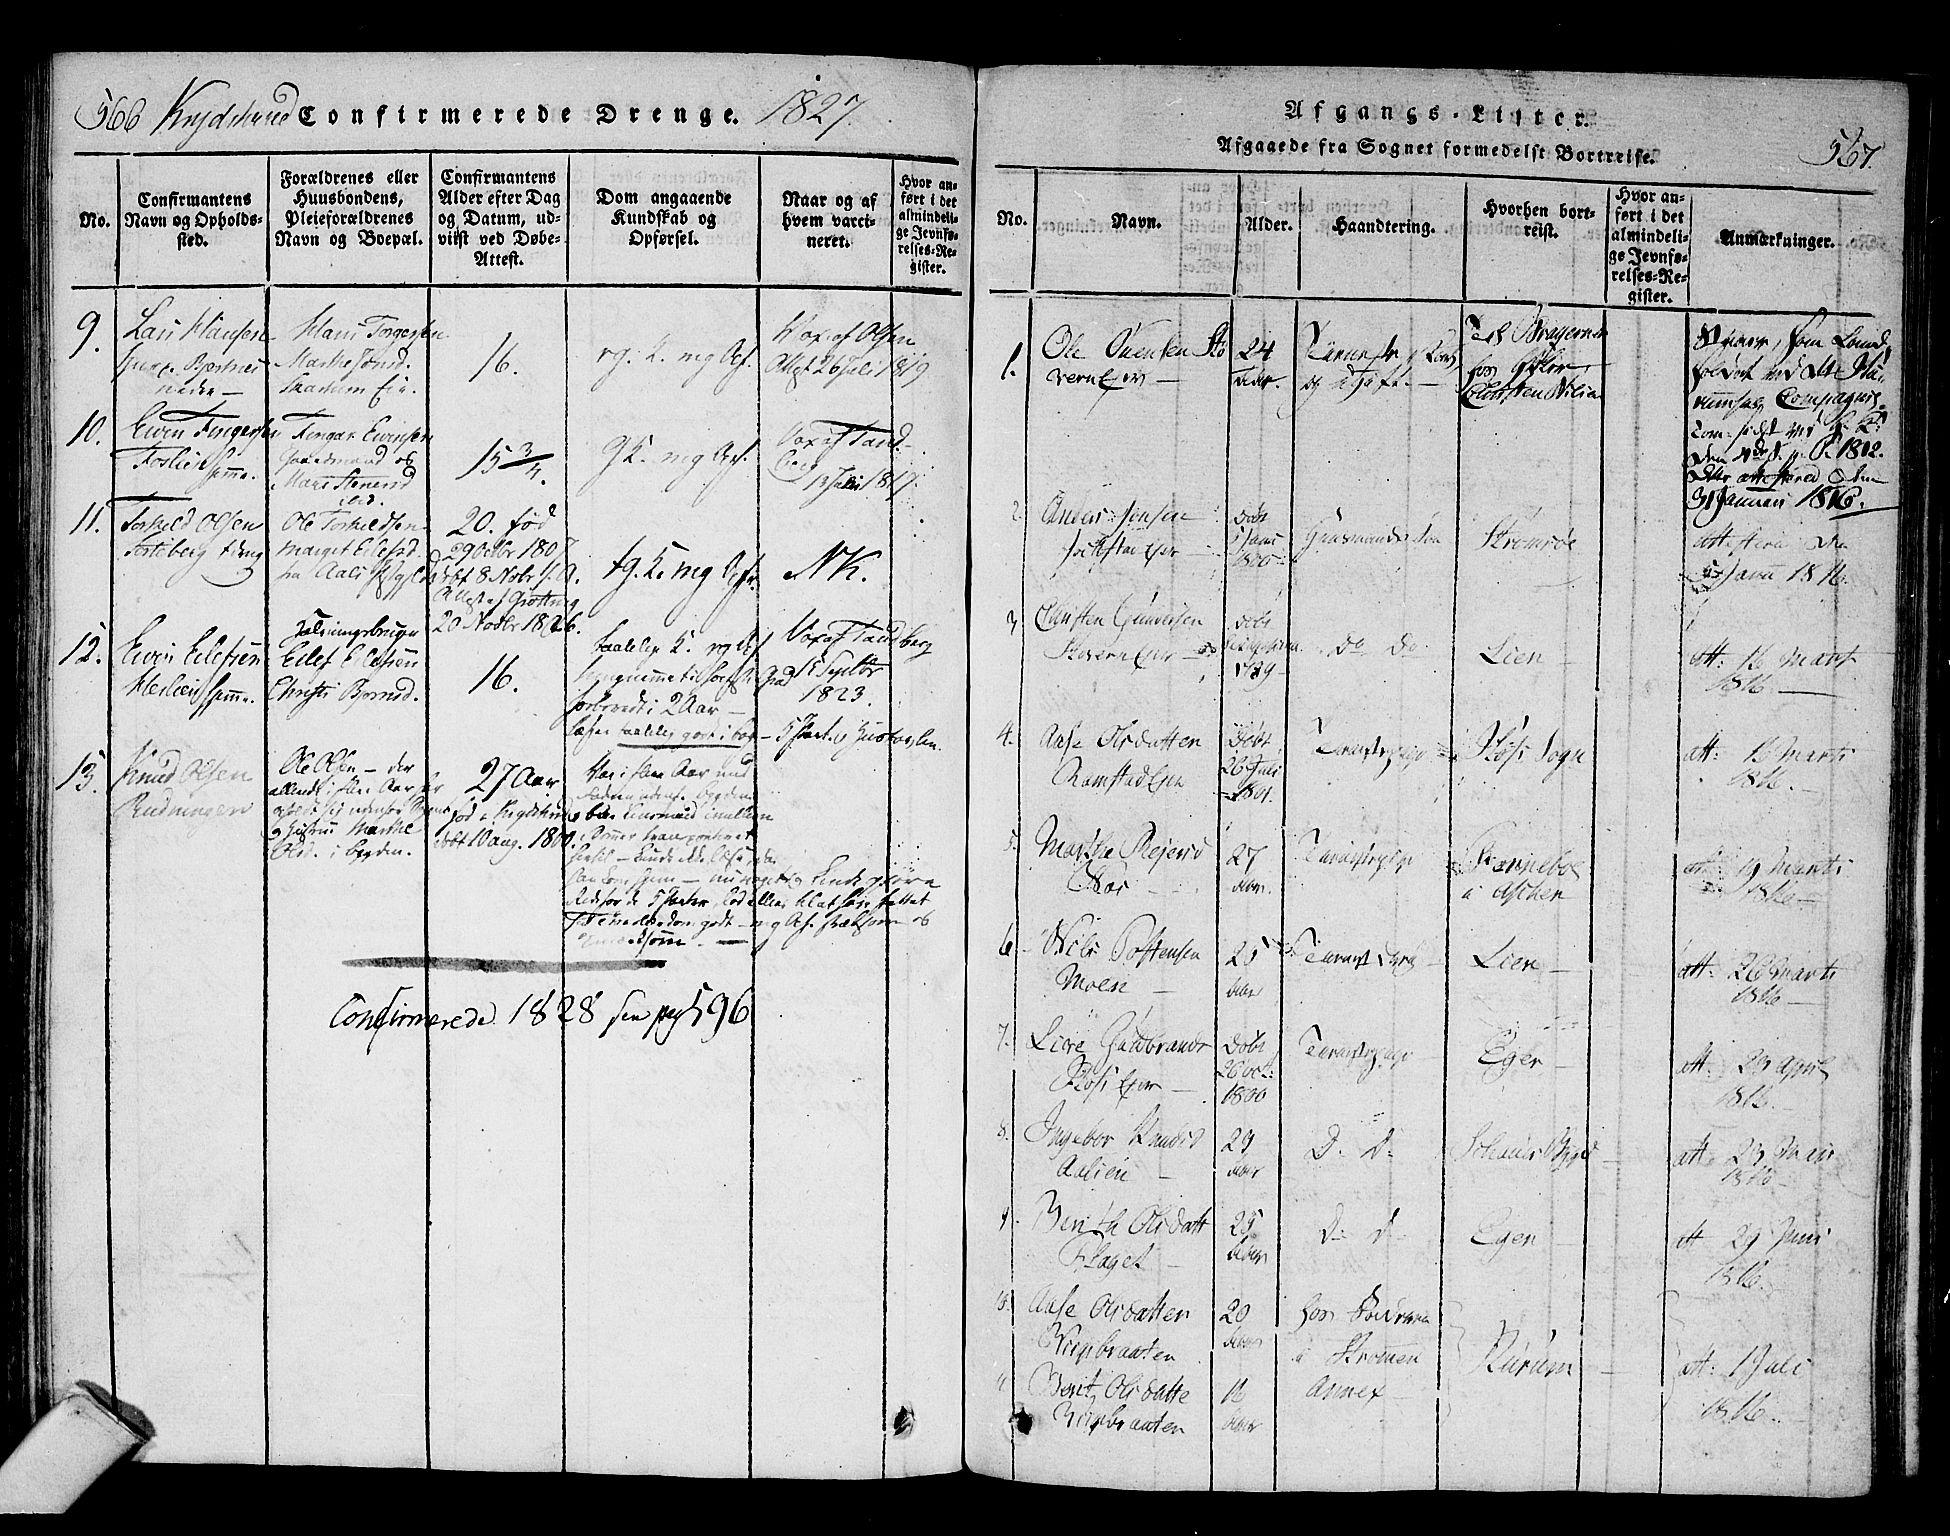 SAKO, Sigdal kirkebøker, F/Fa/L0005: Ministerialbok nr. I 5 /1, 1815-1829, s. 566-567